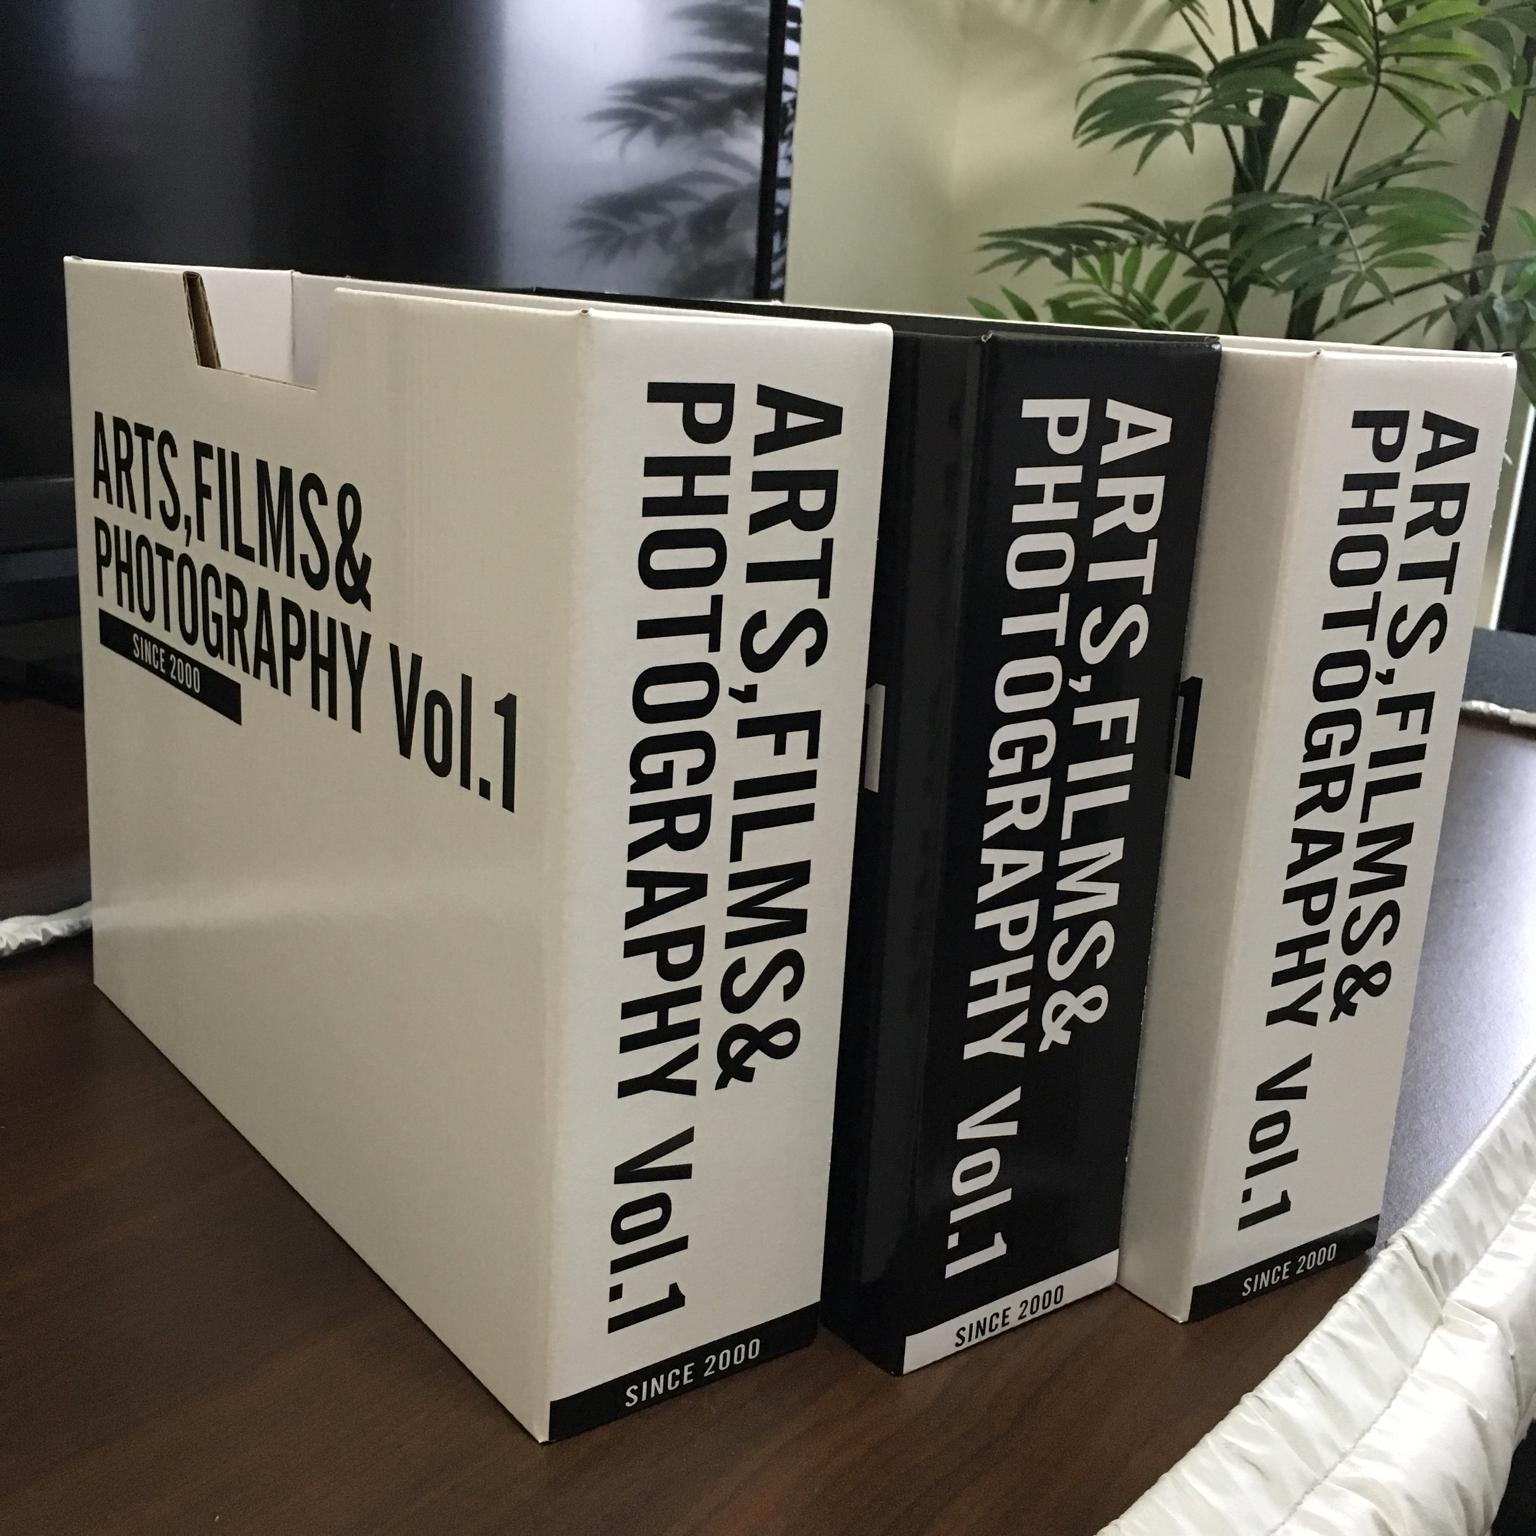 ブランド別ファイルボックスをご紹介